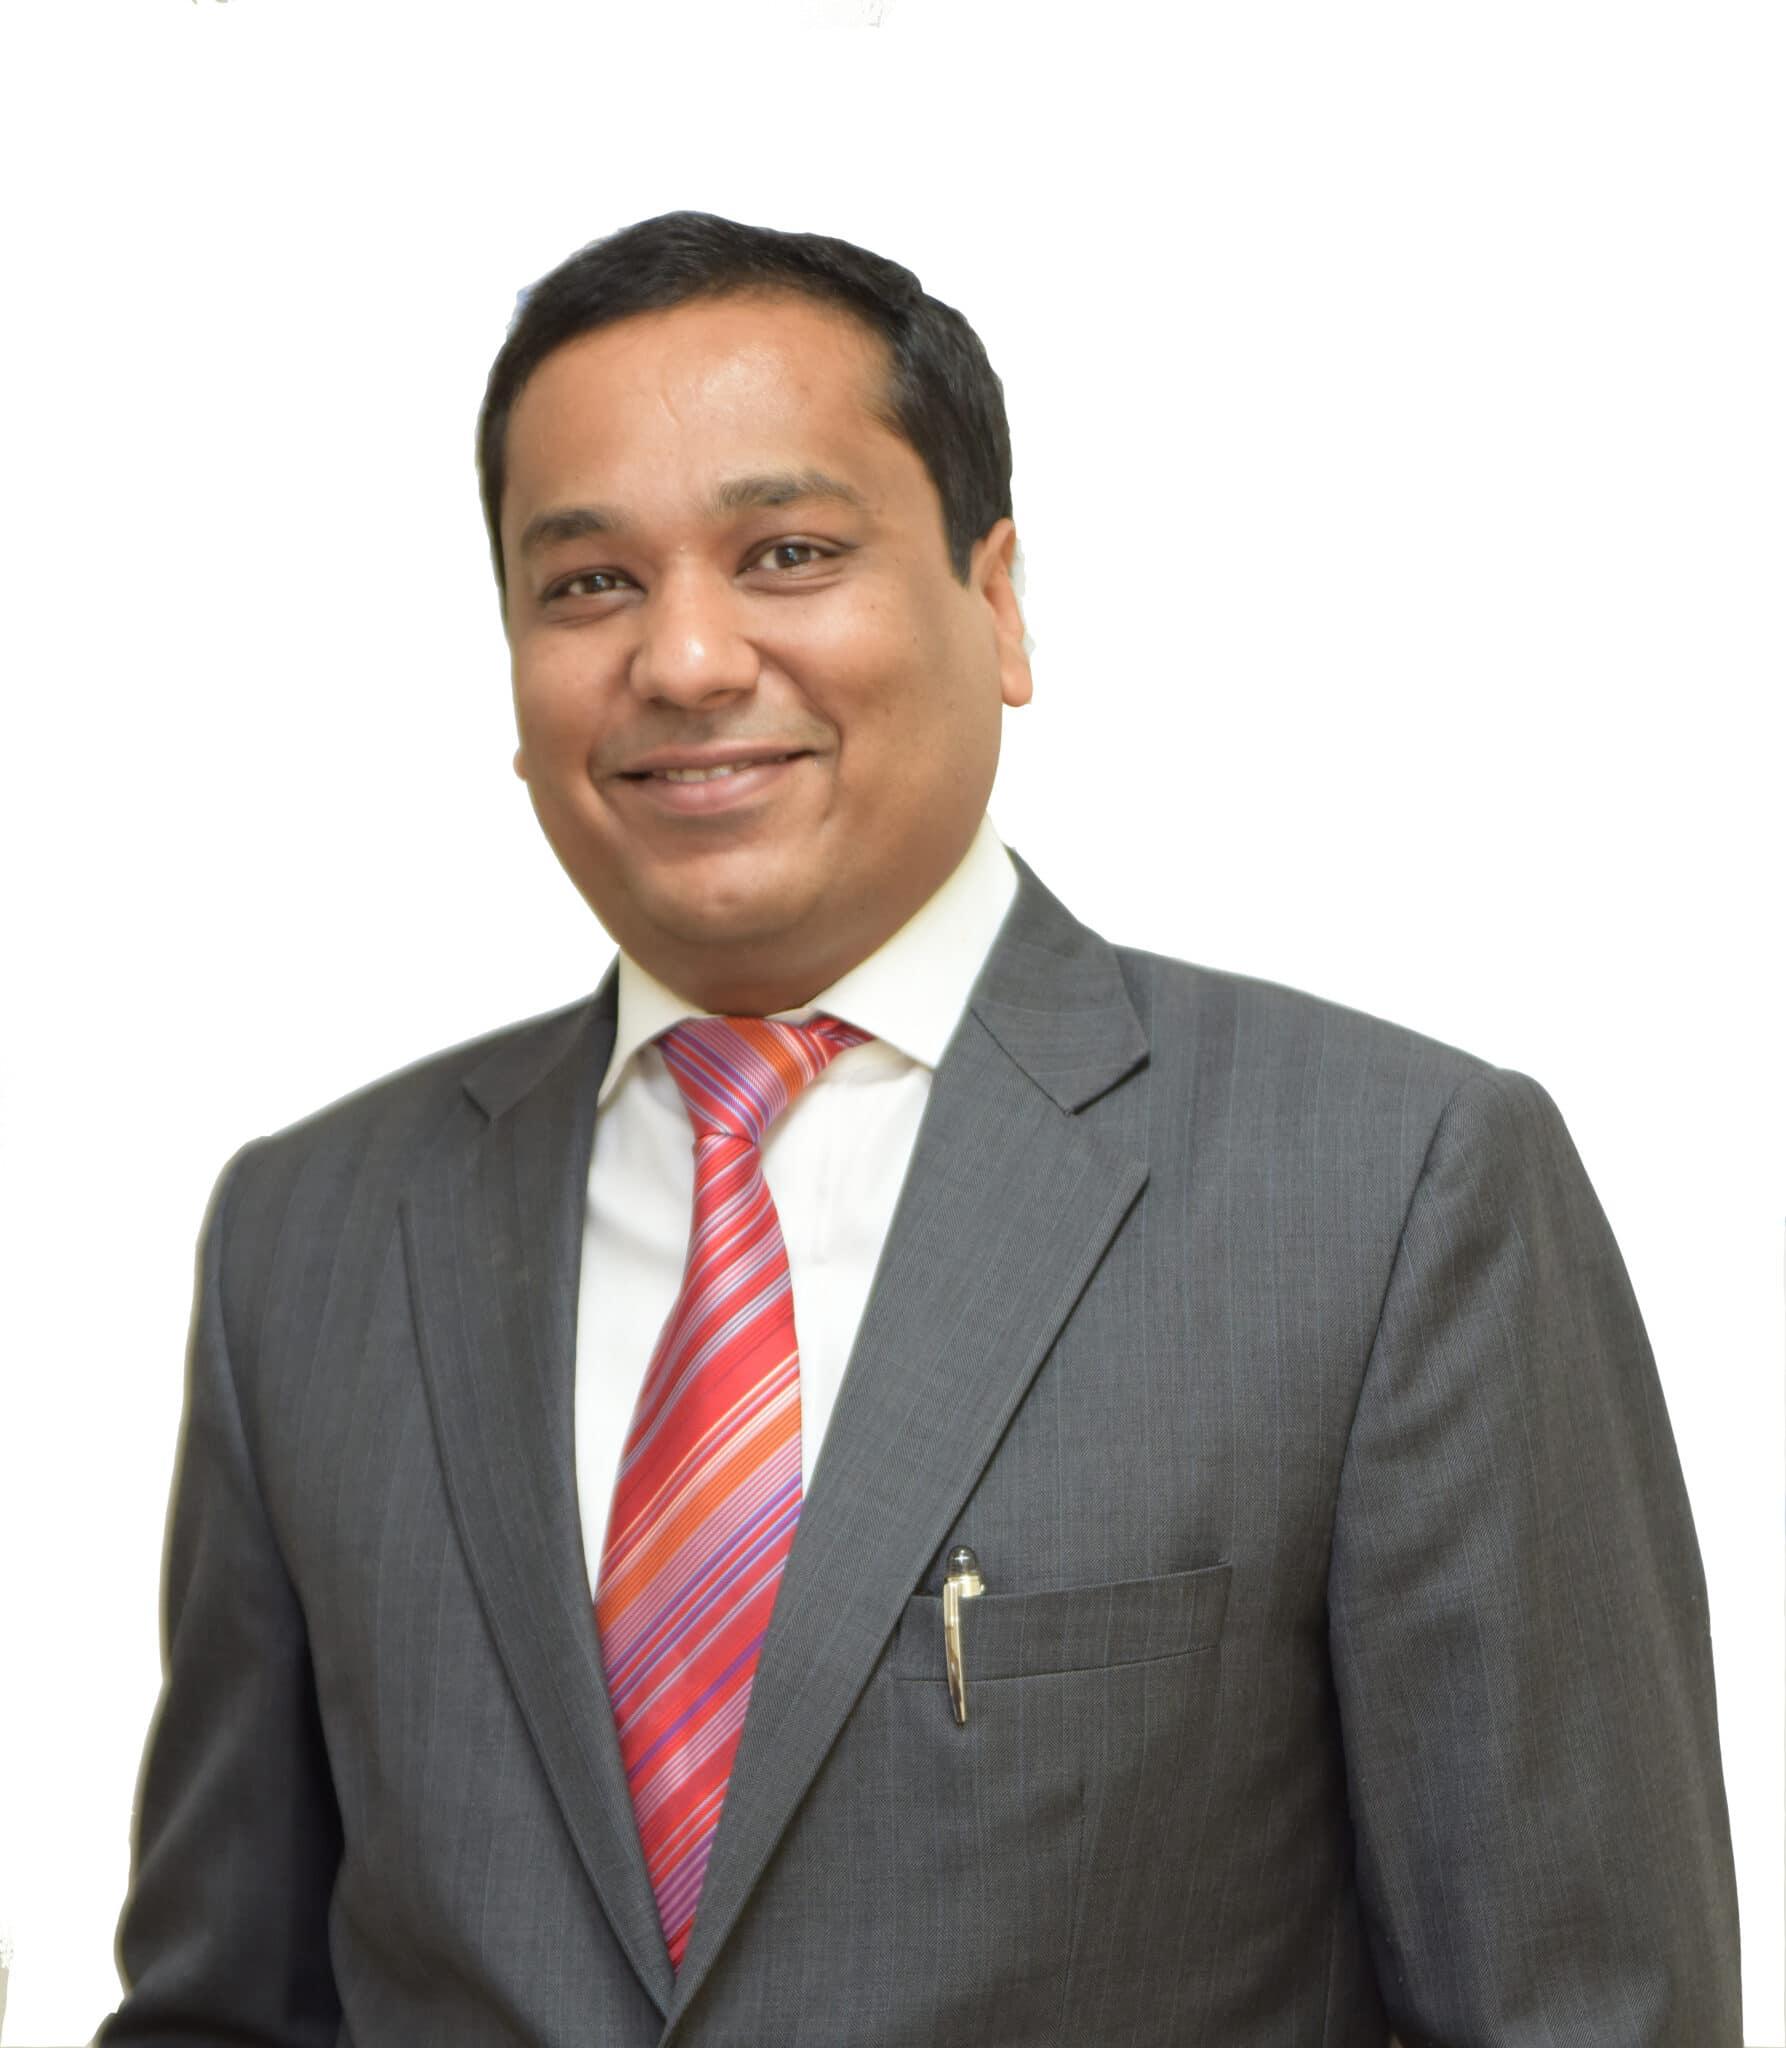 Pankaj Gupta, EnableX